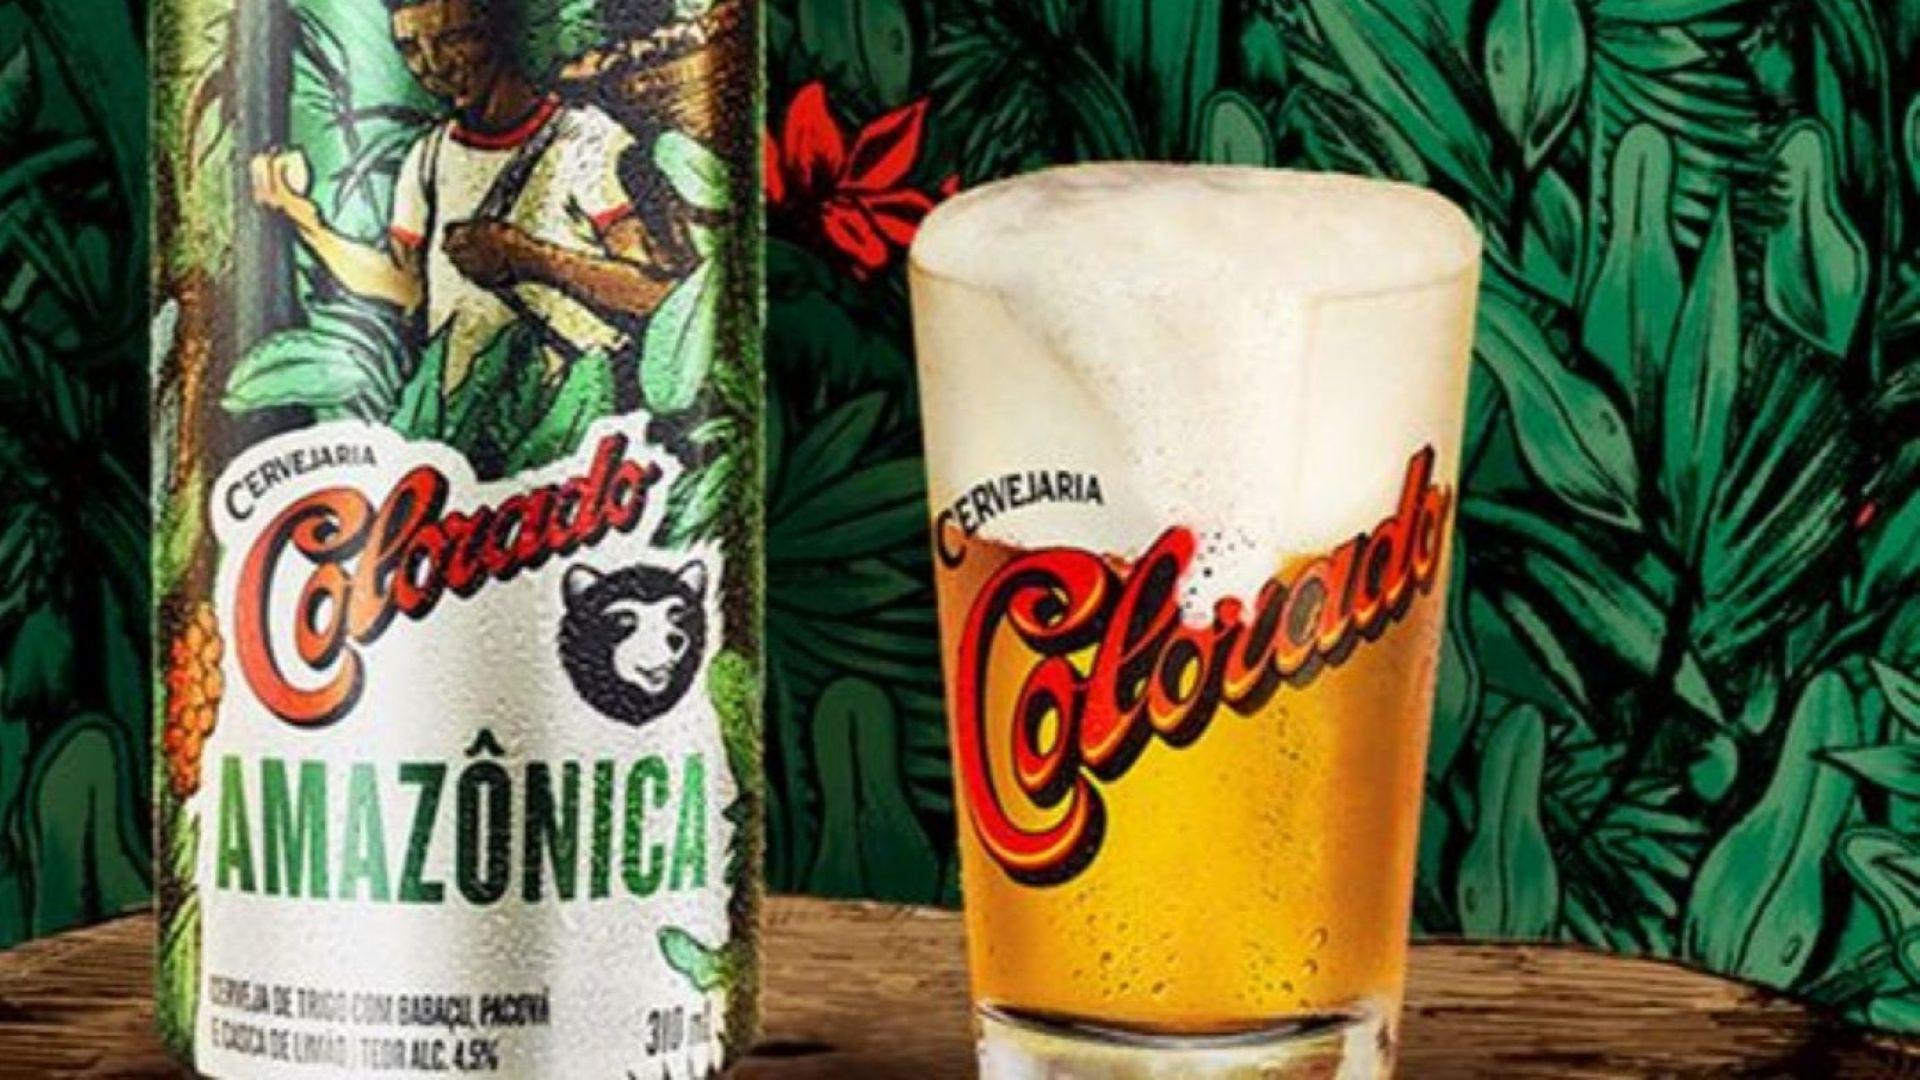 """Колко ще струва бирата """"Колорадо Амазоника"""" - зависи от изсичането на джунглата"""